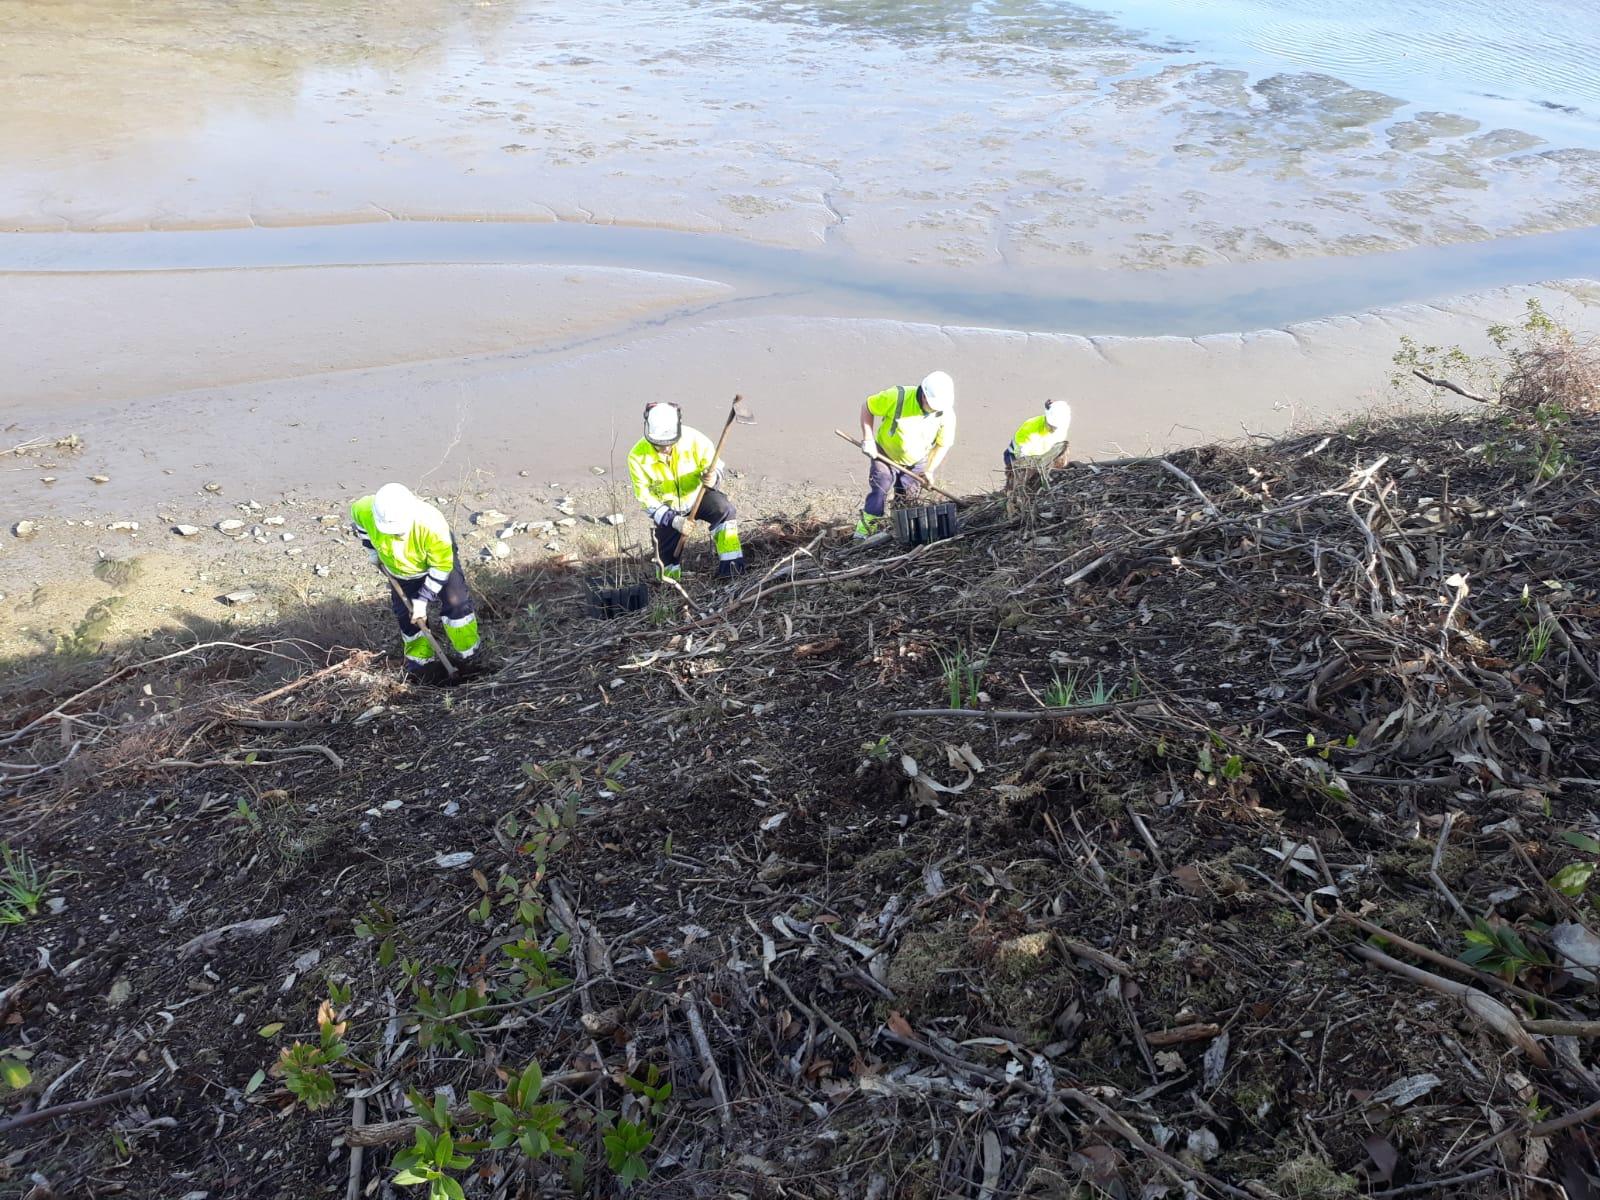 Continúan las acciones de restauración ambiental en la cuenca del río Eo